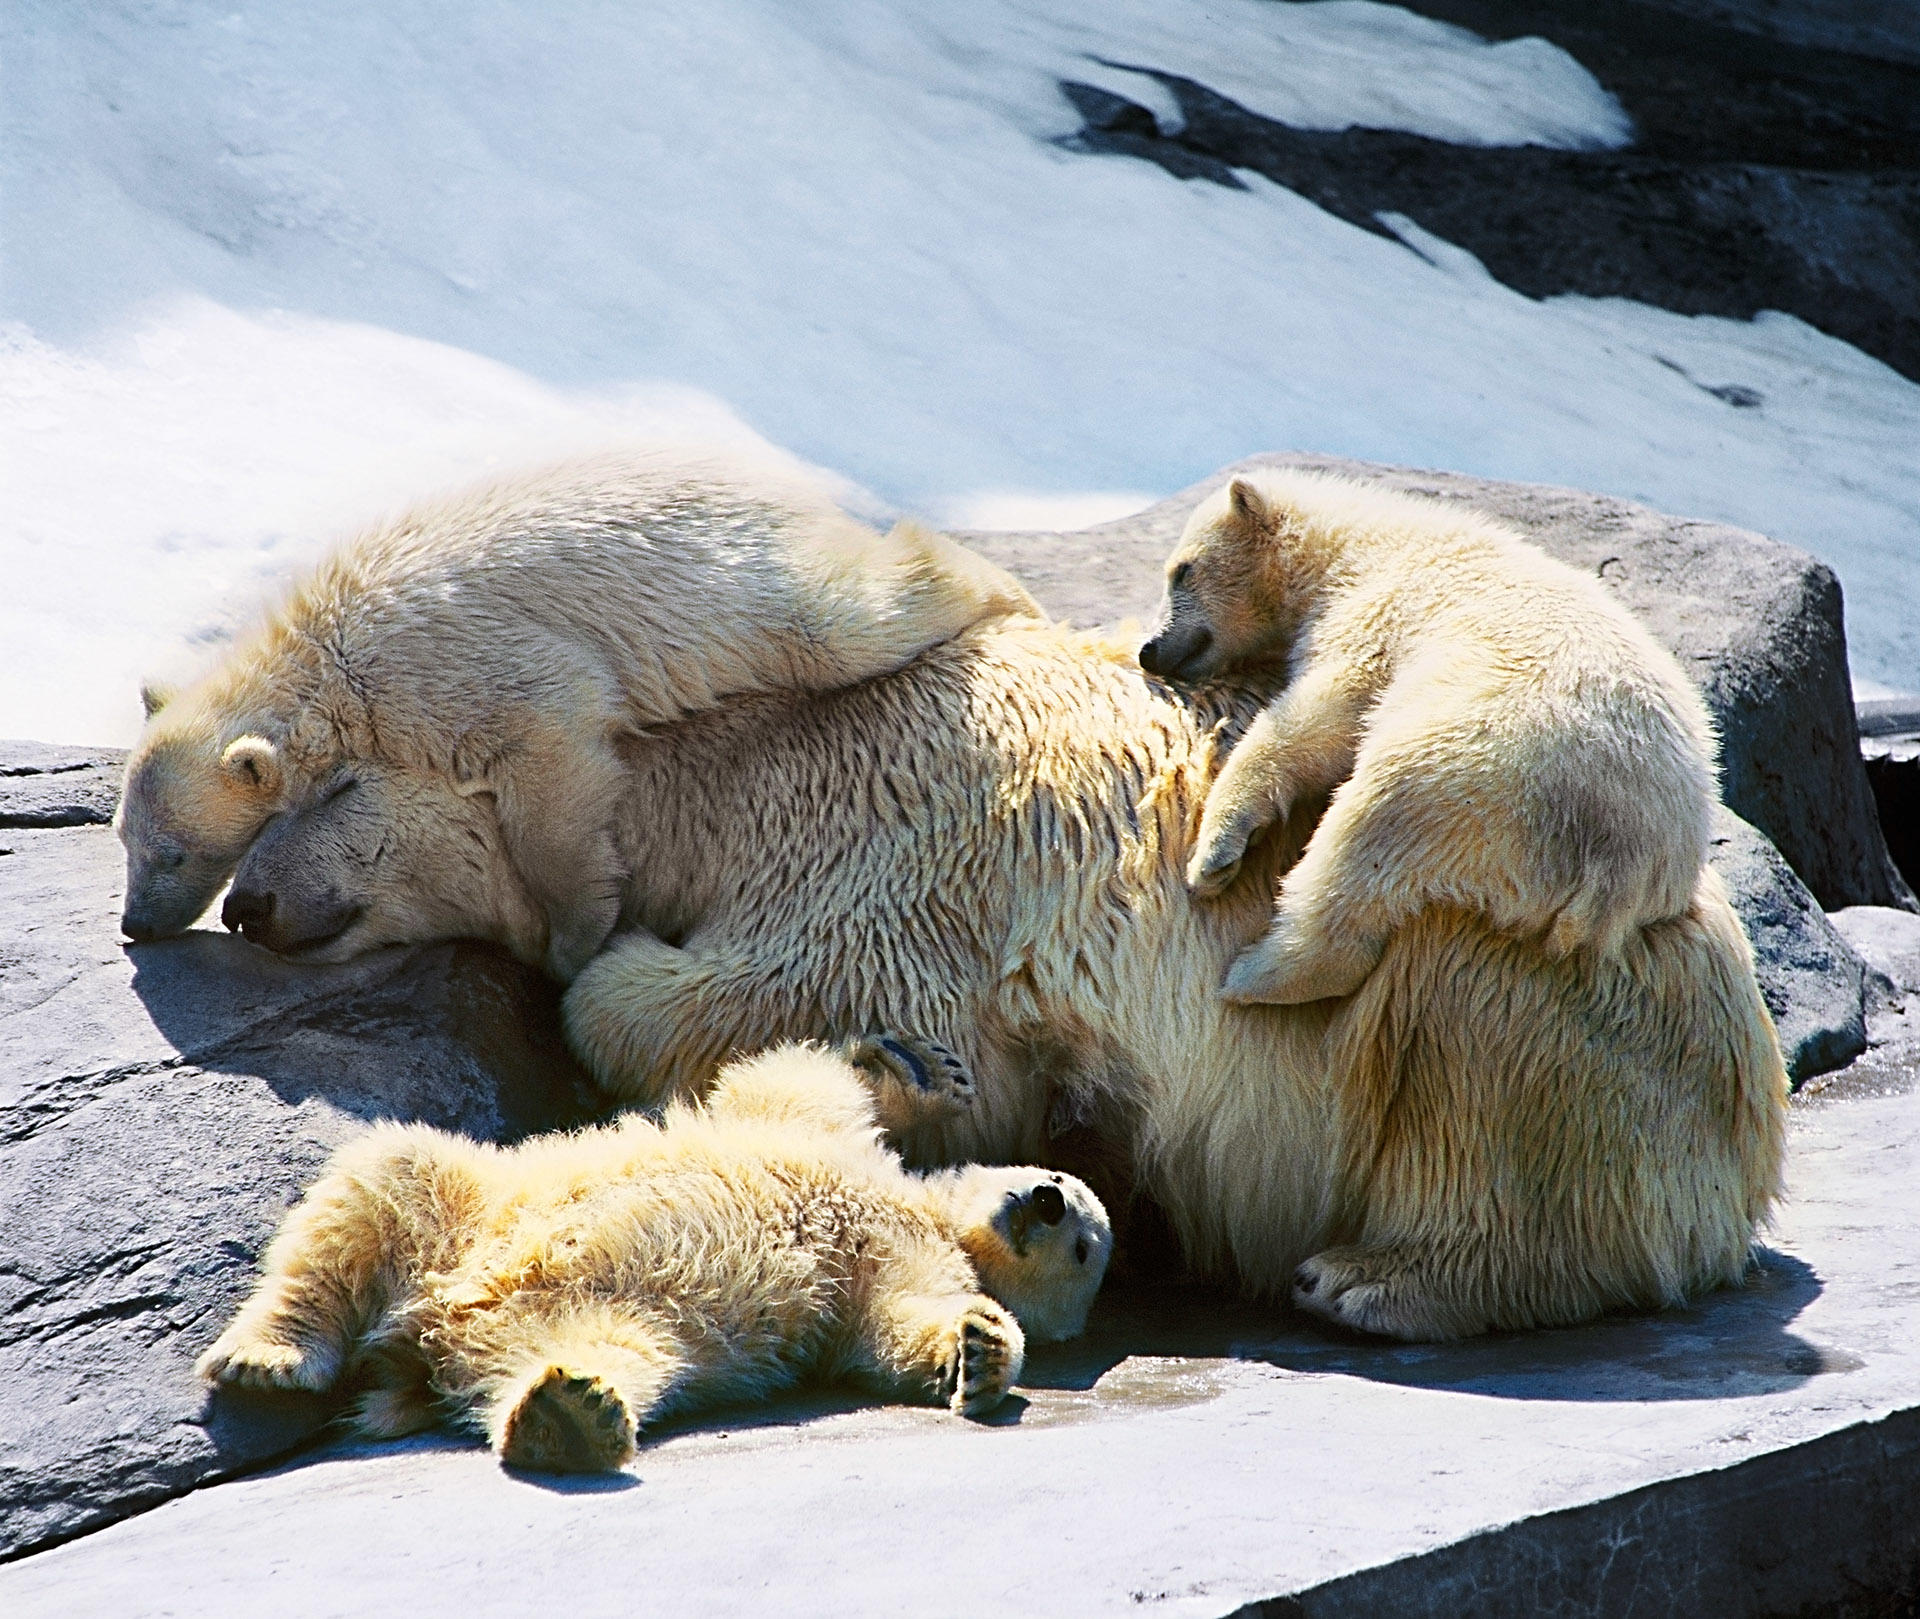 недорогую смешные картинки с медведями которые спят линия застройки